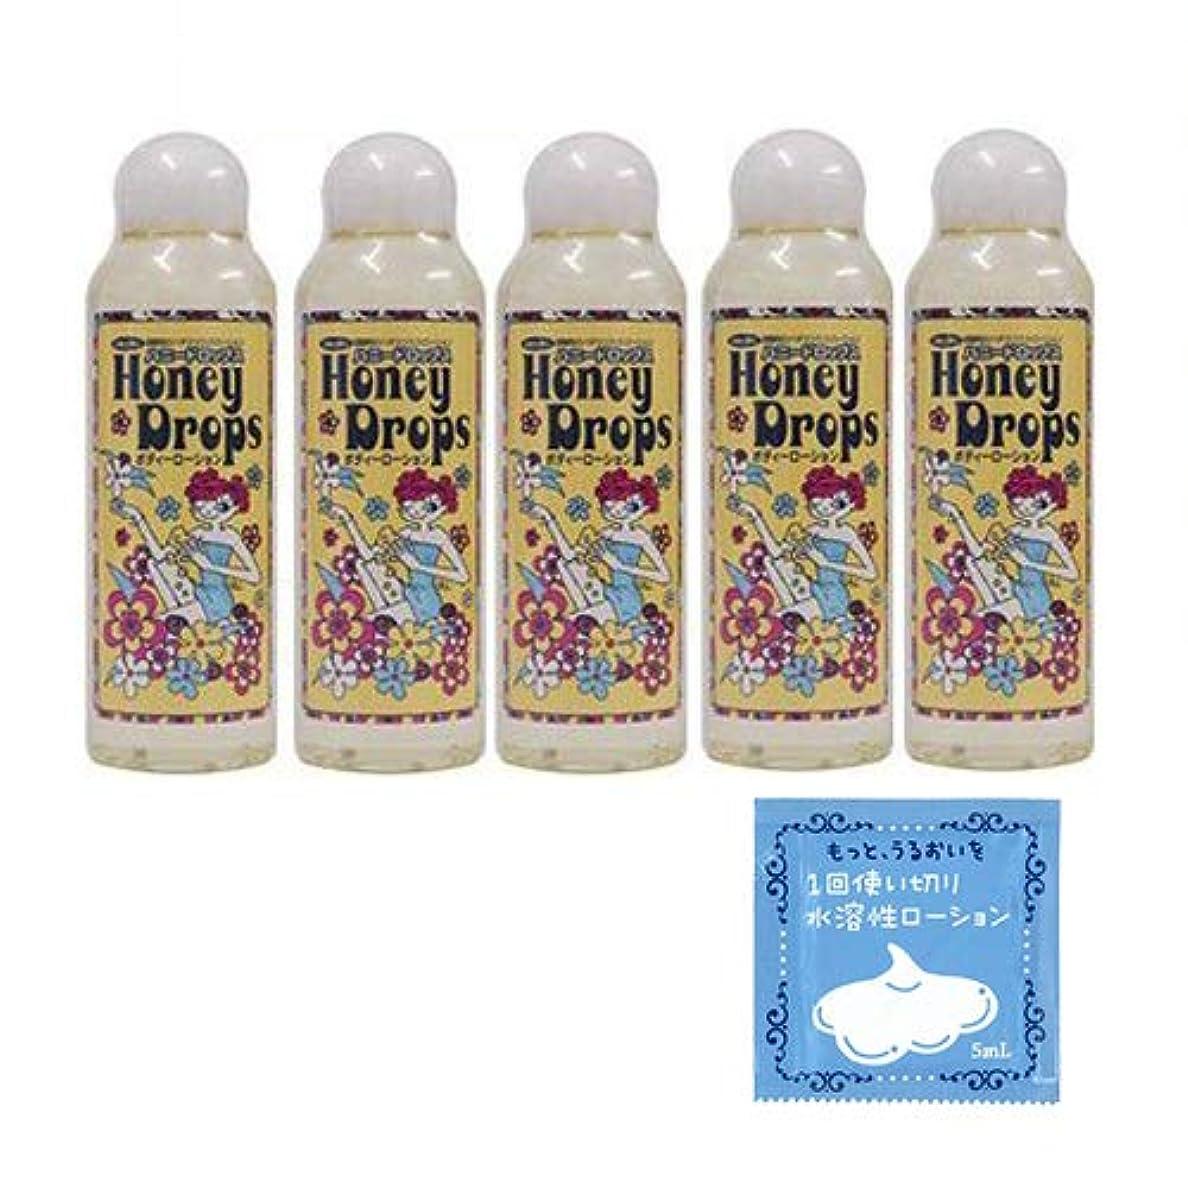 解決バスルーム弾性ハニードロップス150mL HoneyDrops150 ×5本 +1回使い切り水溶性潤滑ローション